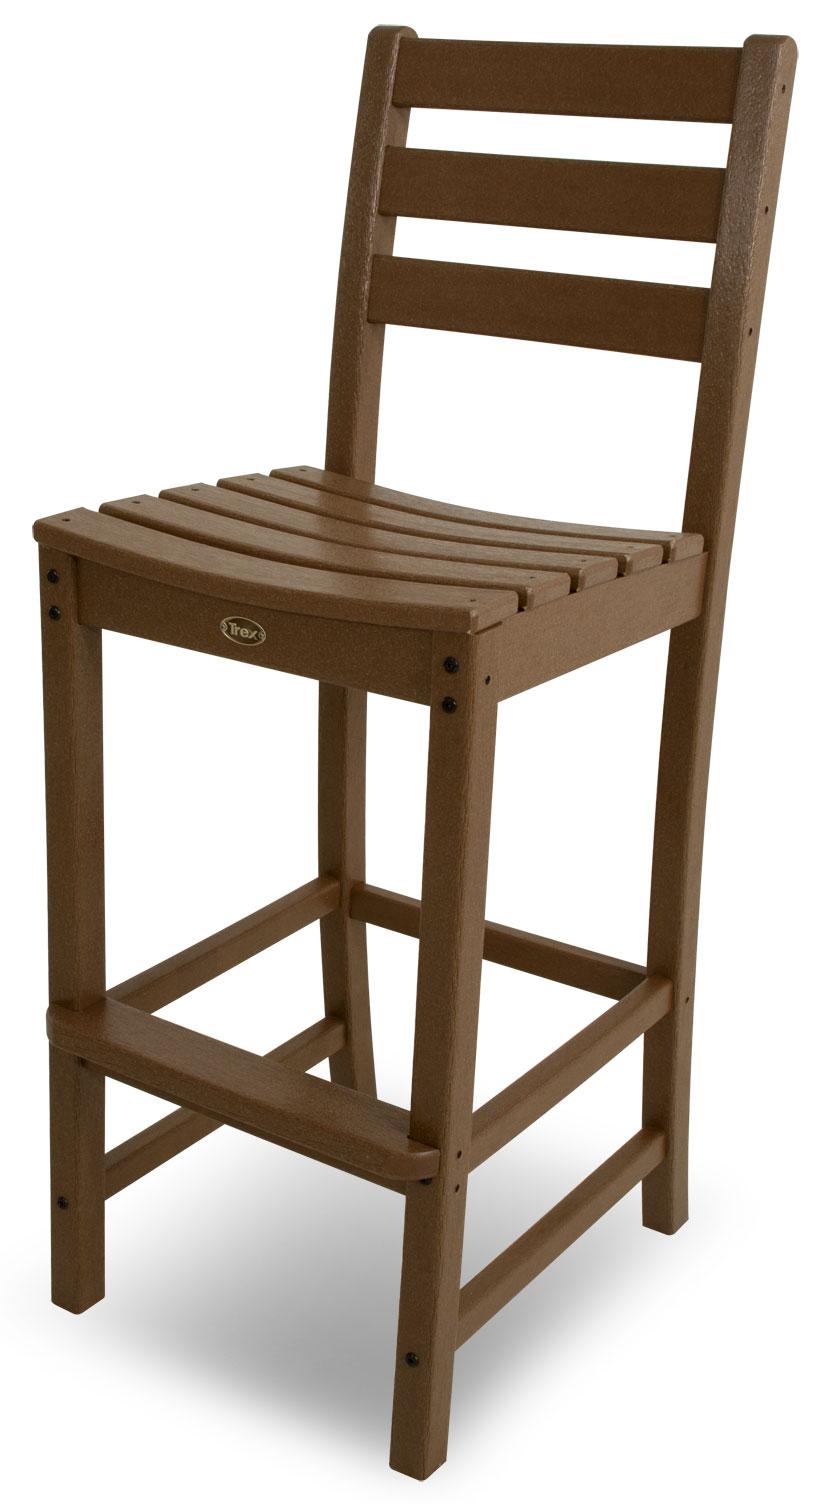 Trex� Outdoor Furniture� Monterey Bay Bar Side Chair